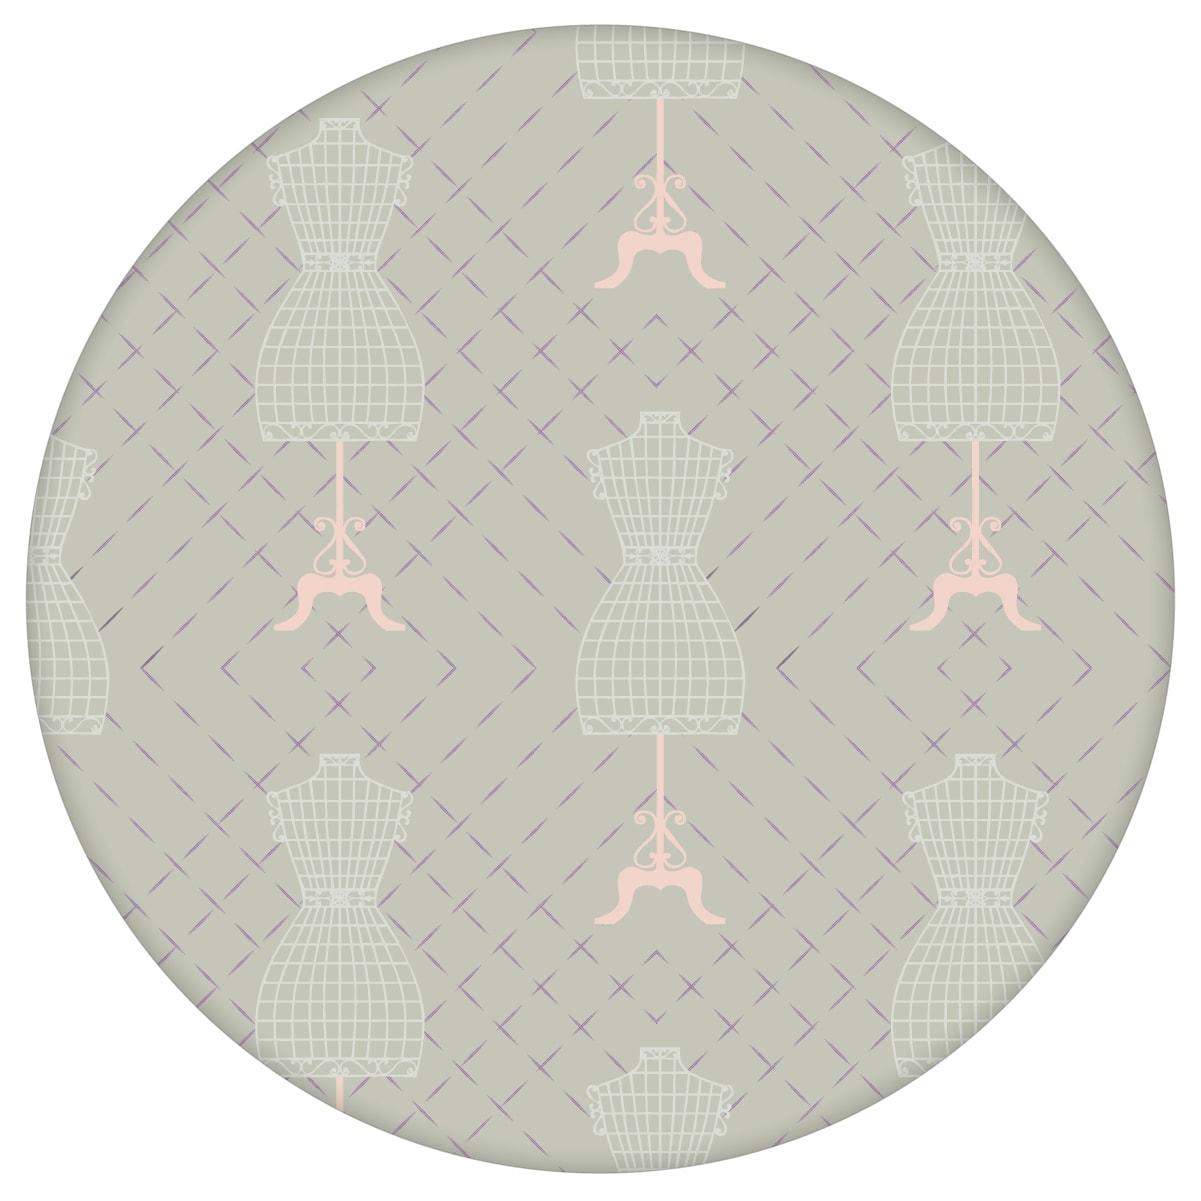 """Lila Tapete """"Fashionista"""" mit Kleiderpuppen Schnittmuster, lila Ornamenttapete für Schlafzimmeraus dem GMM-BERLIN.com Sortiment: lila Tapete zur Raumgestaltung: #00169 #Fashion #Kleiderpuppe #lila #Mode #motiv #schlafzimmer #Schnittmuster #Violette Tapeten #Wandgestaltung für individuelles Interiordesign"""